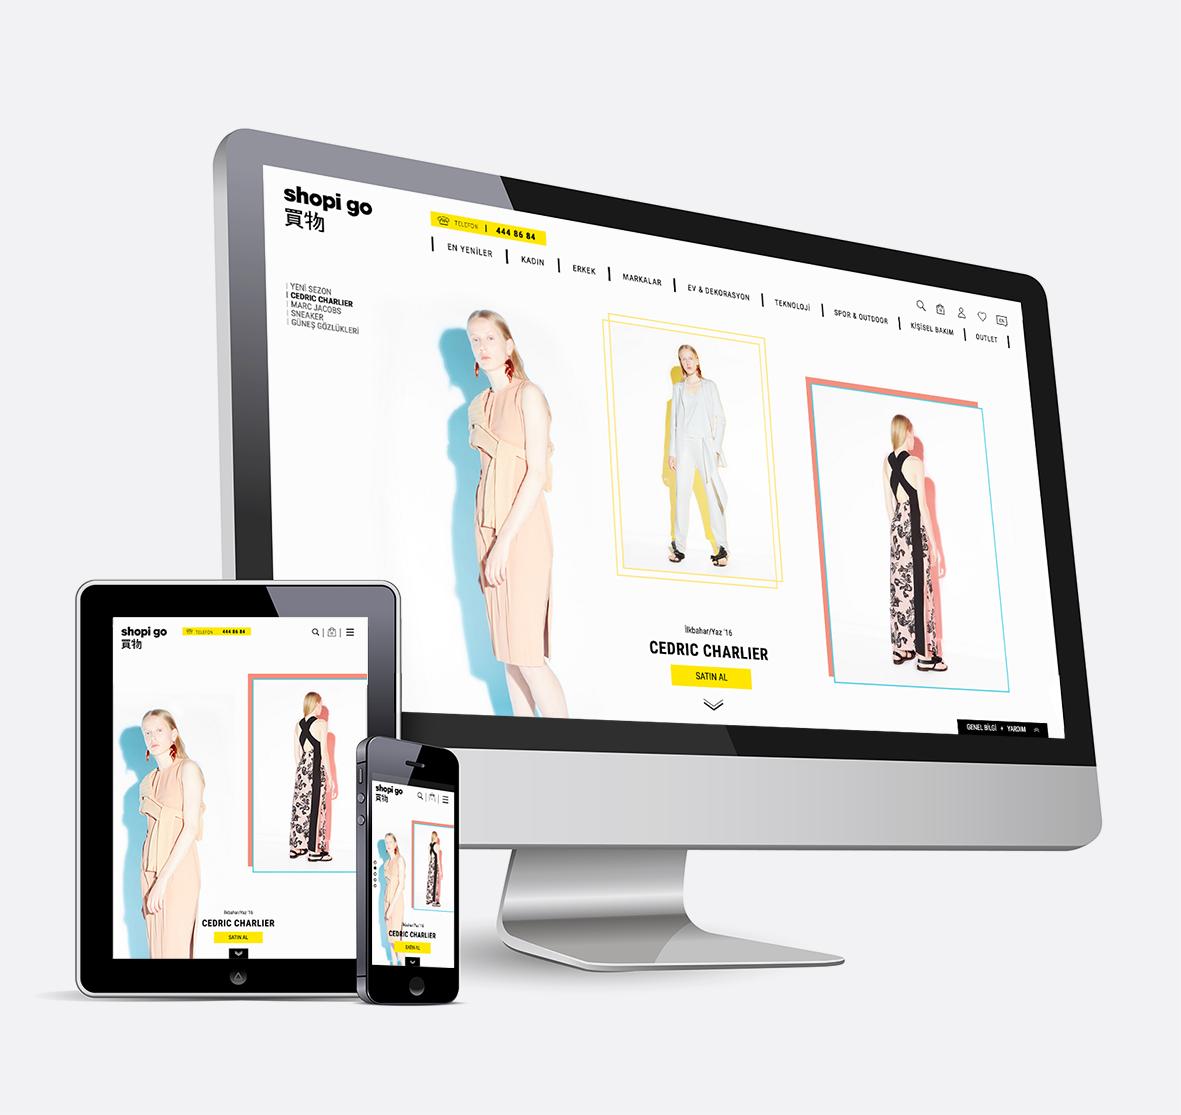 Shopi go | Desktop, Tablet & Mobile Compatible